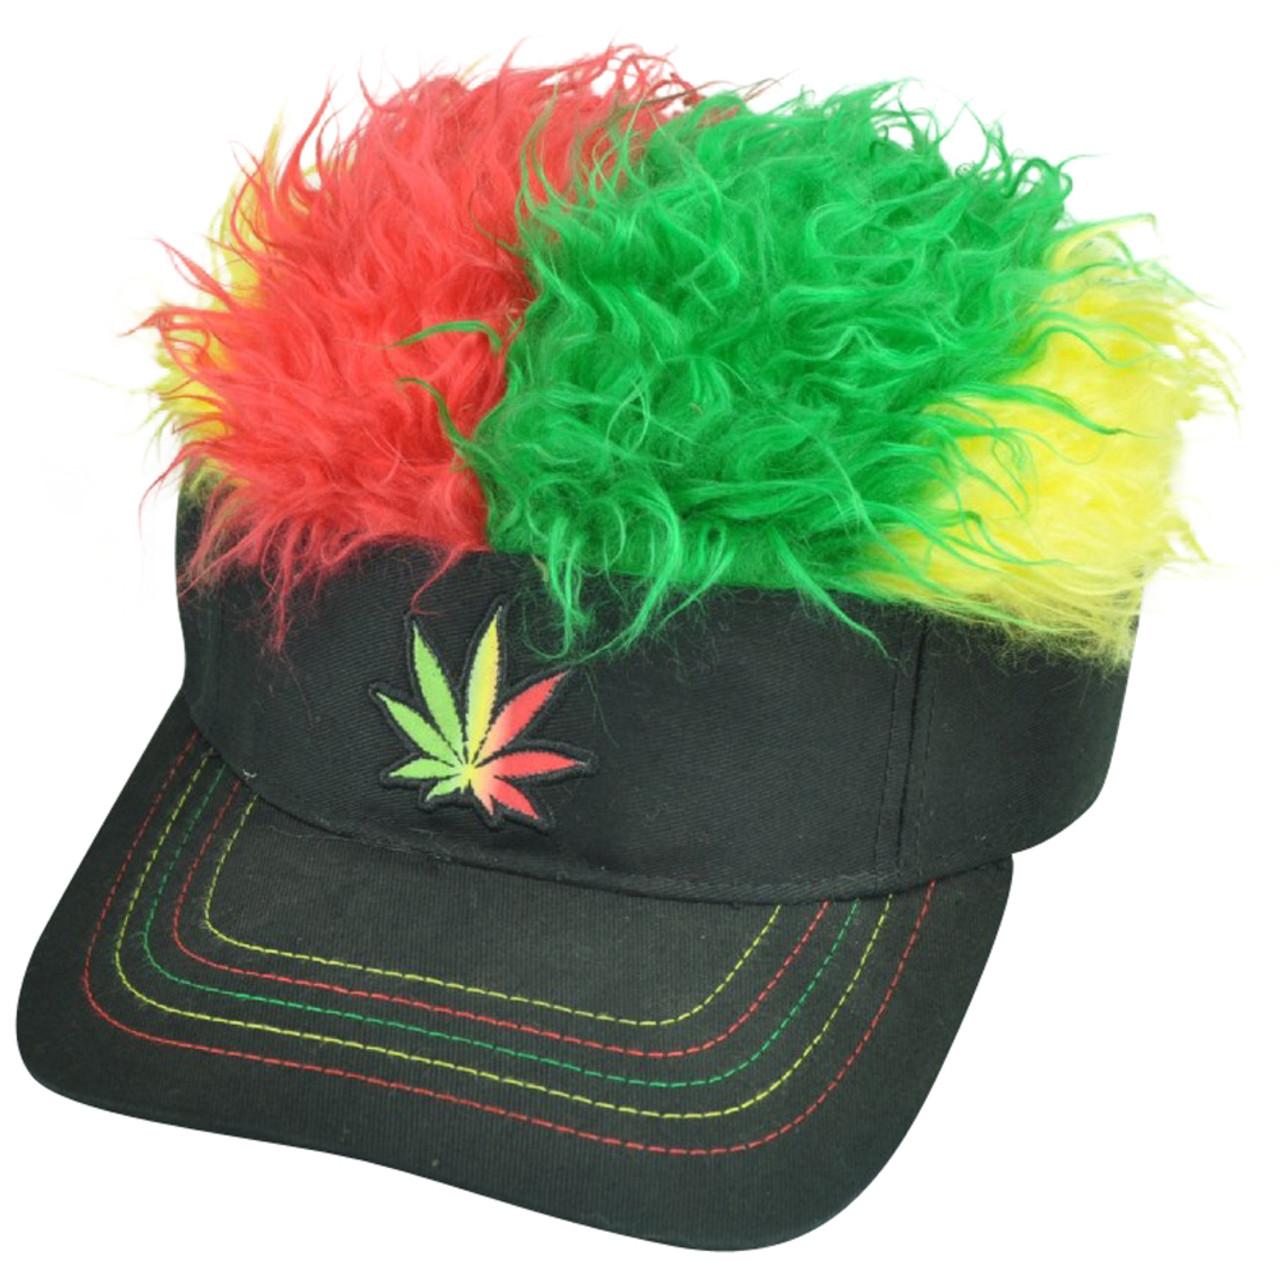 8e0c74fb40a Marijuana Cannabis Jamaica Flair Faux Fur Hair Visor Adjustable Hat Sun  Weed Cap